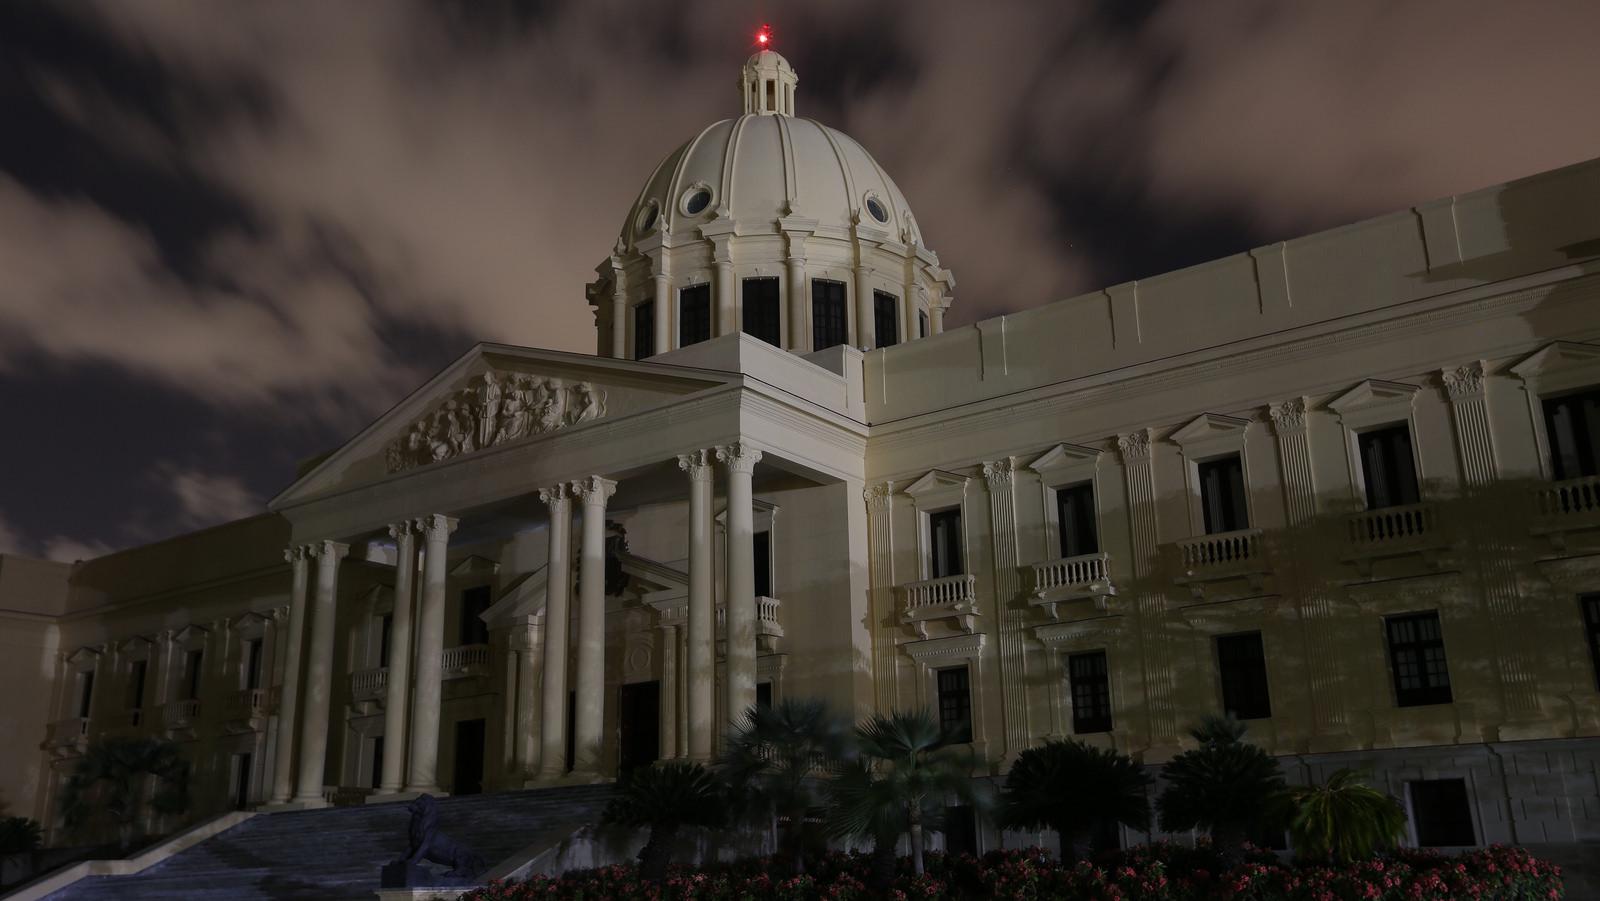 La Hora del Planeta dejó a oscuras el Palacio Nacional